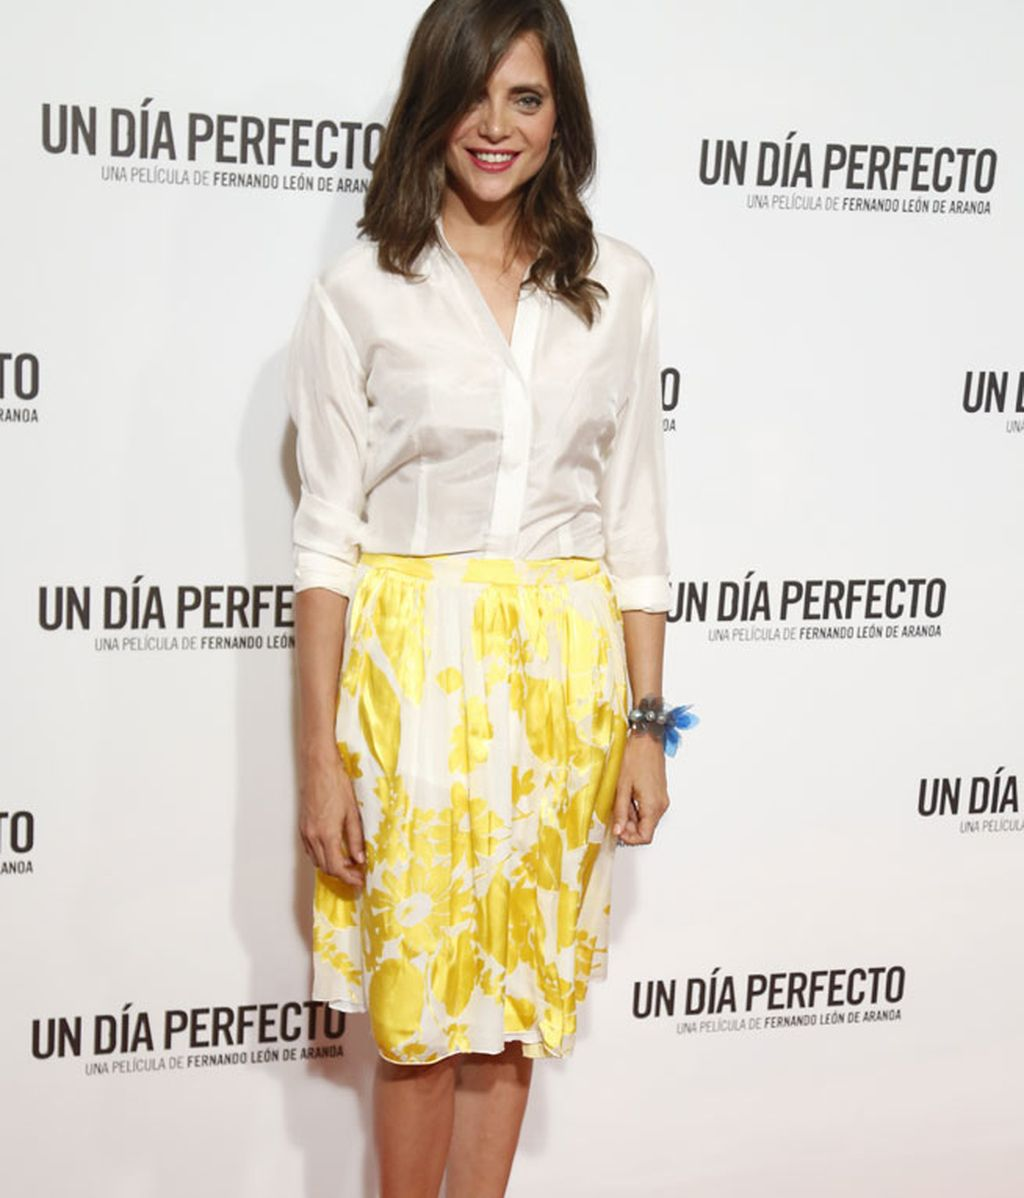 El look veraniego de Macarena Gómez, quien dio a luz hace cuatro meses